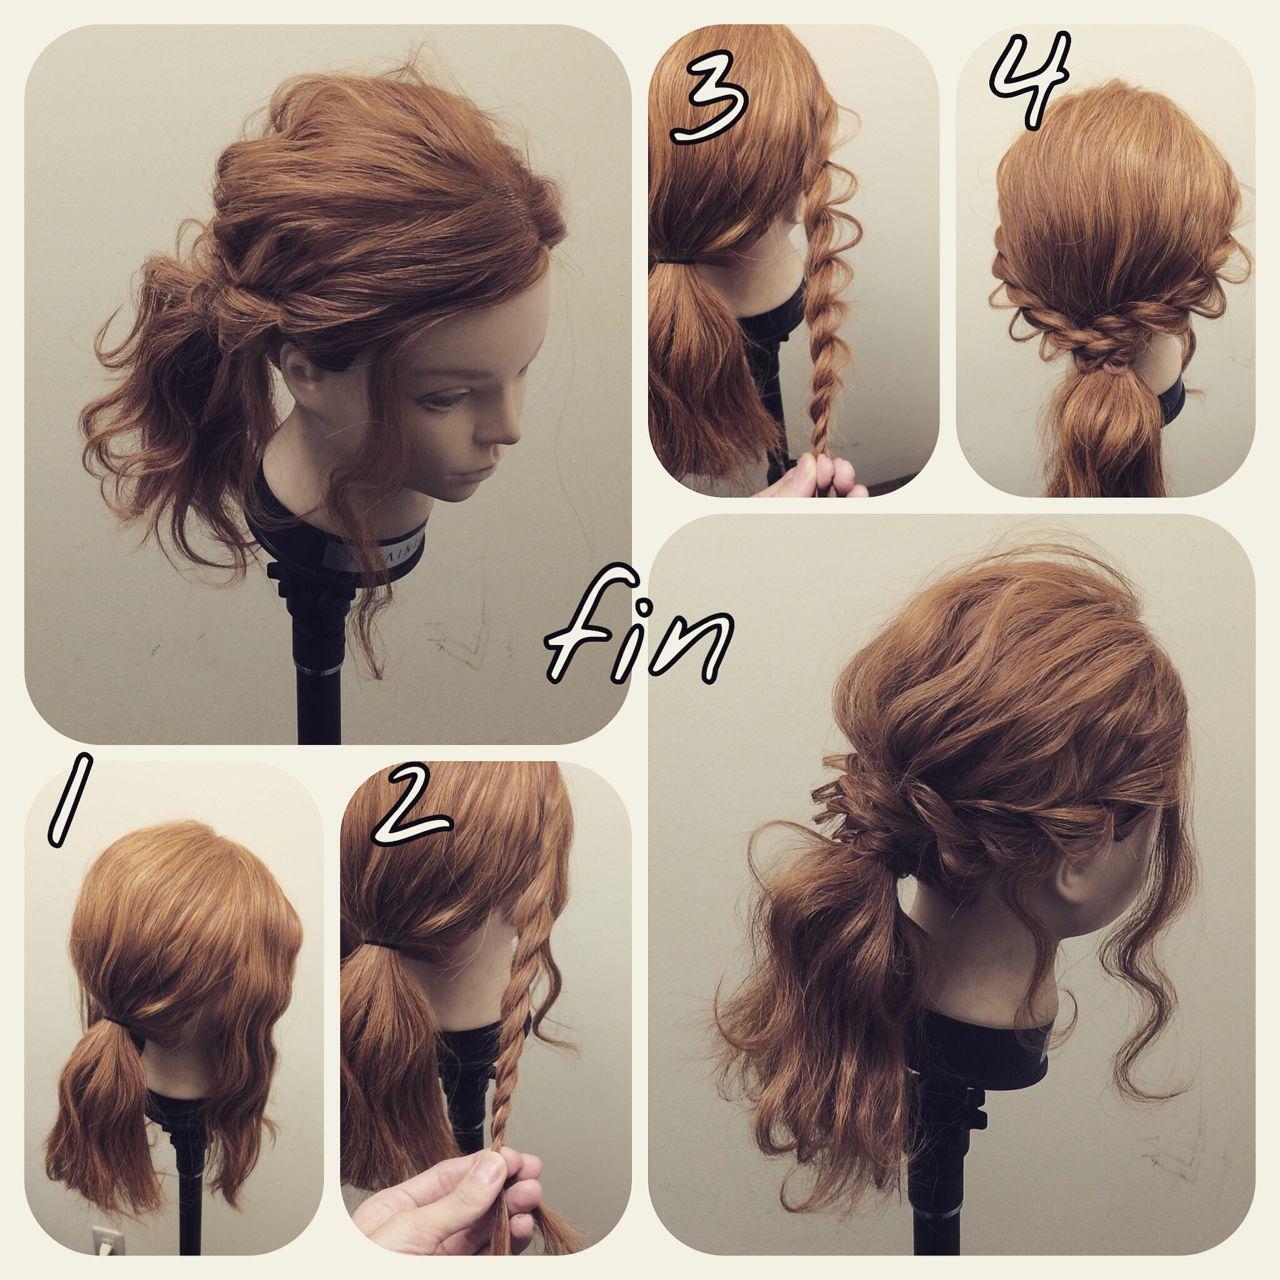 お呼ばれに 結婚式で華やか見せできるヘアアレンジ レングス別 Hair ポニーテール やり方 結婚式 ヘアアレンジ ミディアム 簡単 ヘアアレンジ